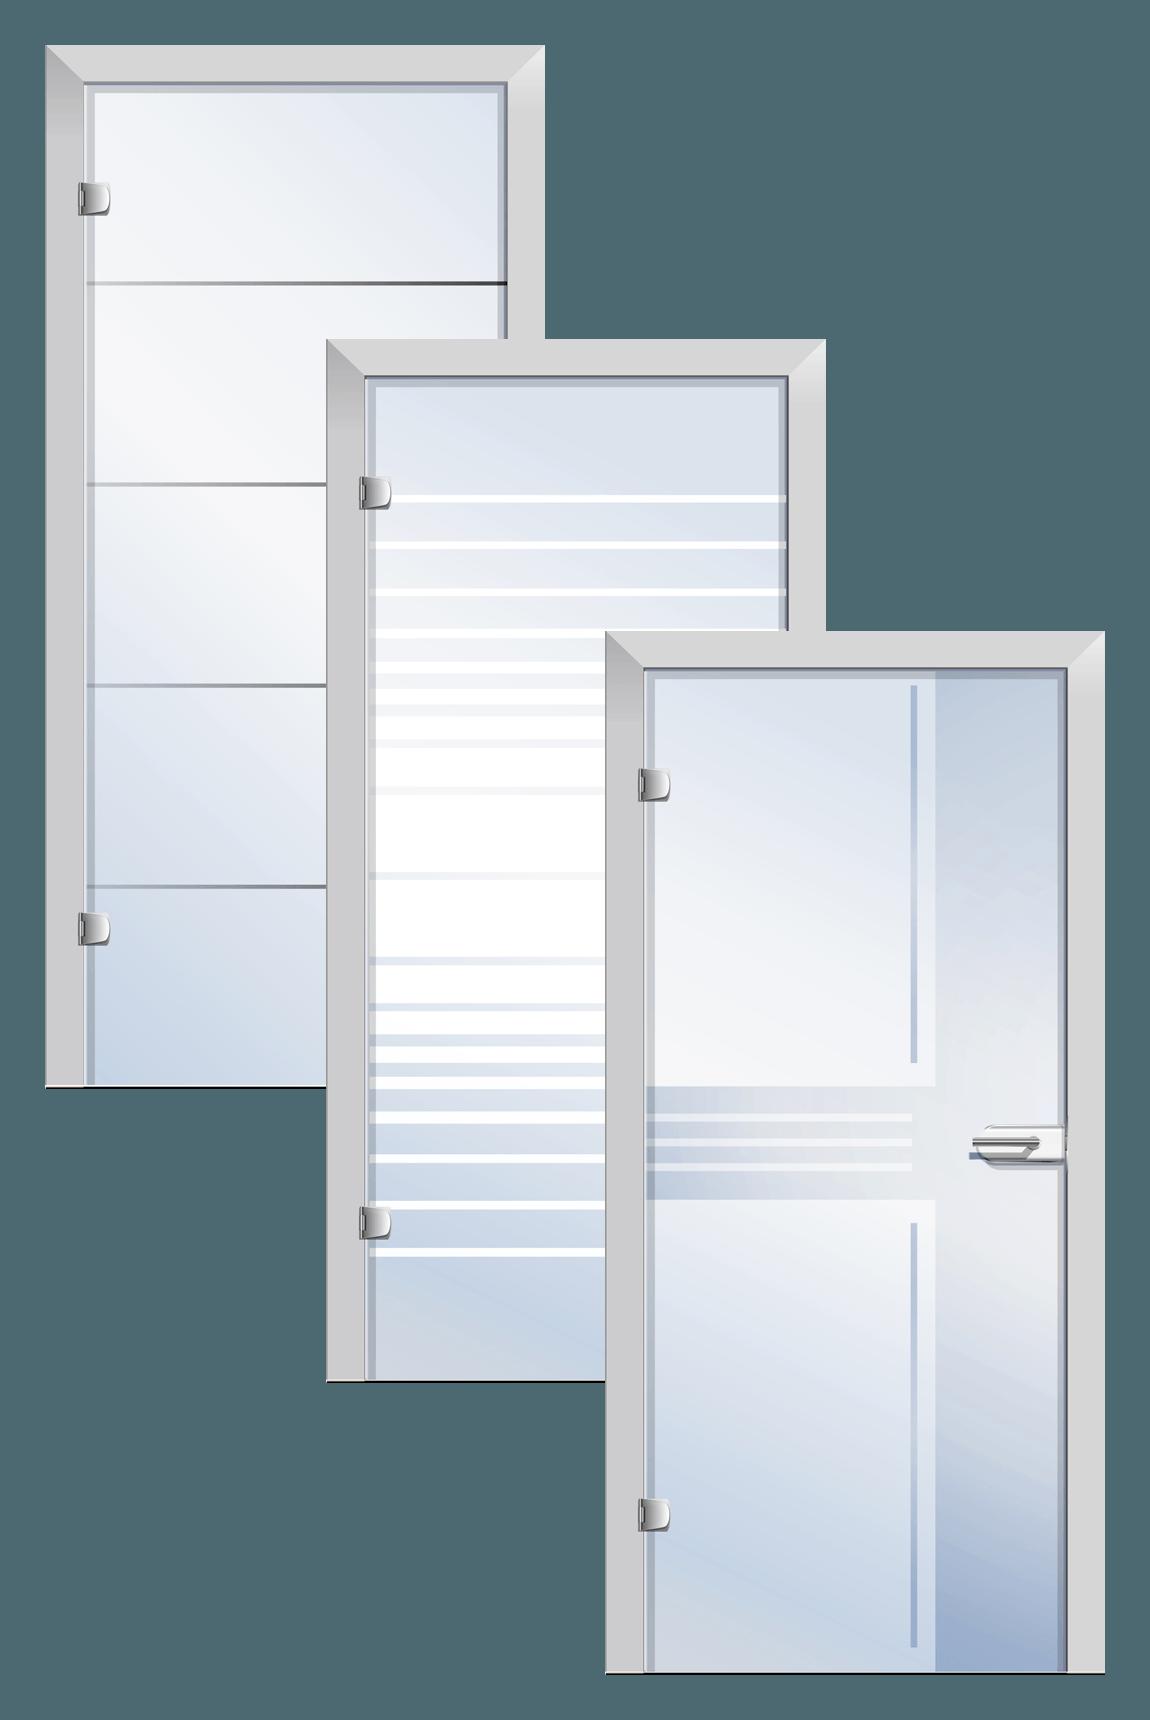 125 Ganzglastüren » verschiedenen Designs » Mehr Licht